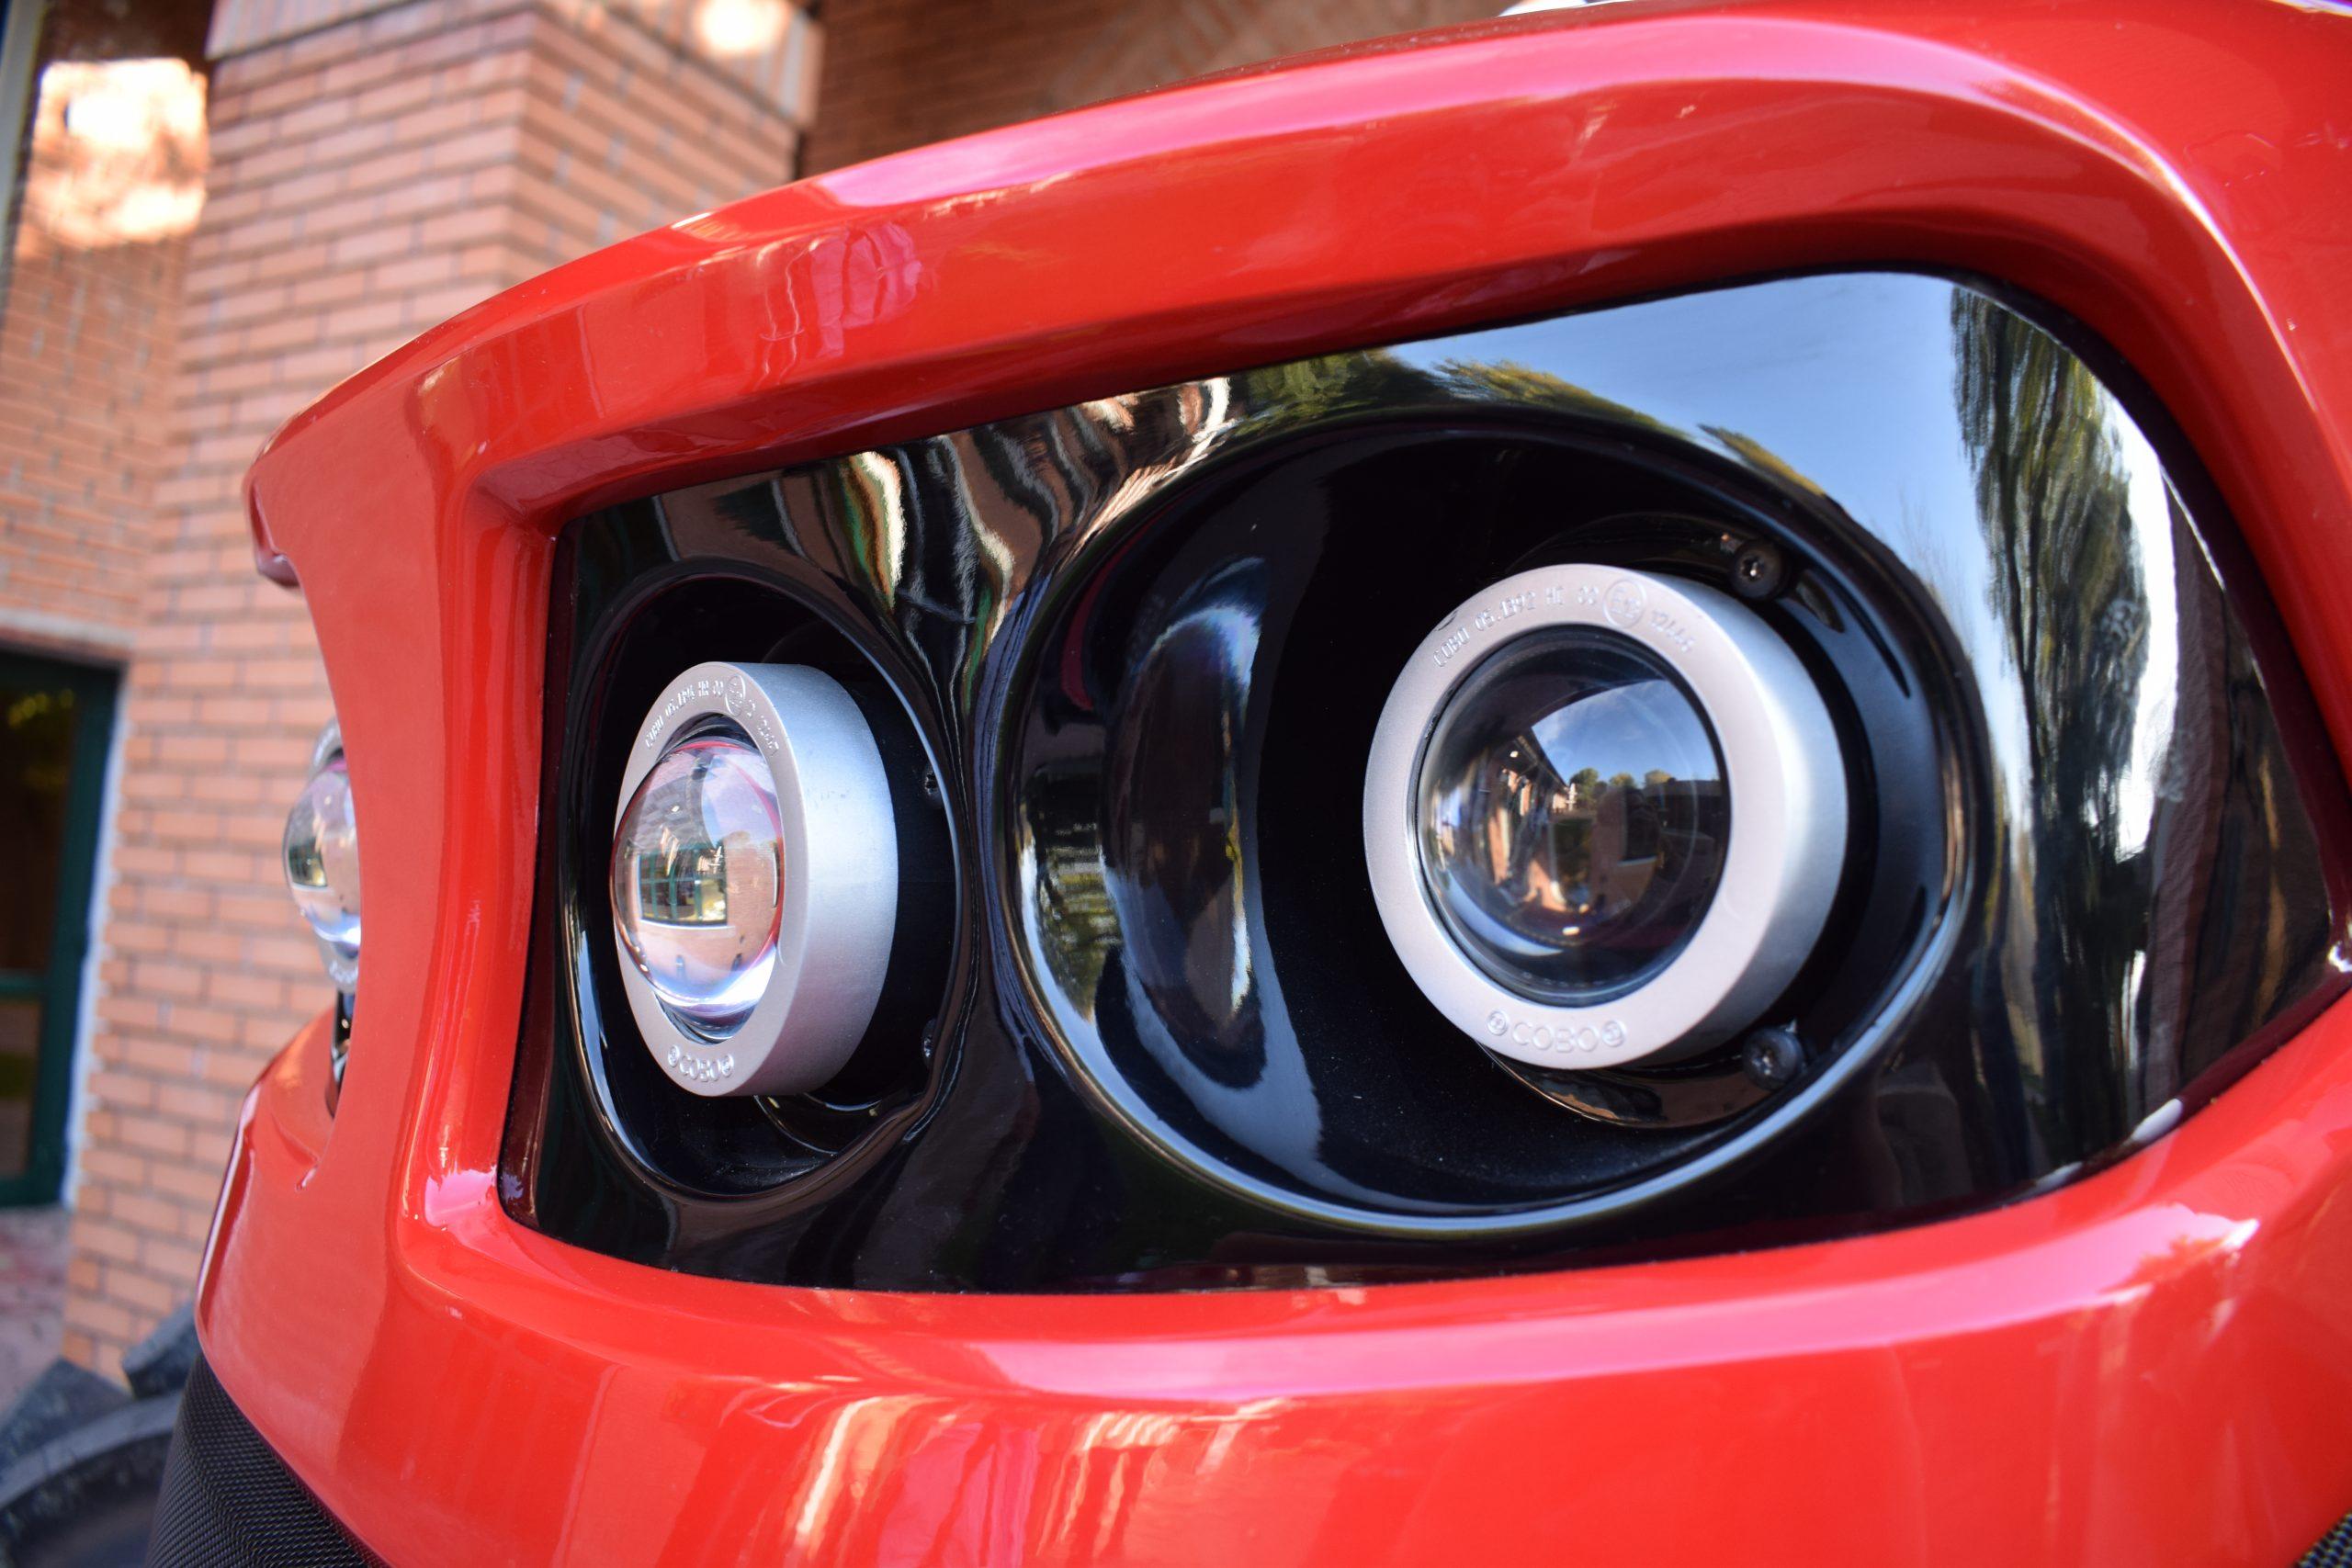 Tractor romanesc Tagro Irum lumini